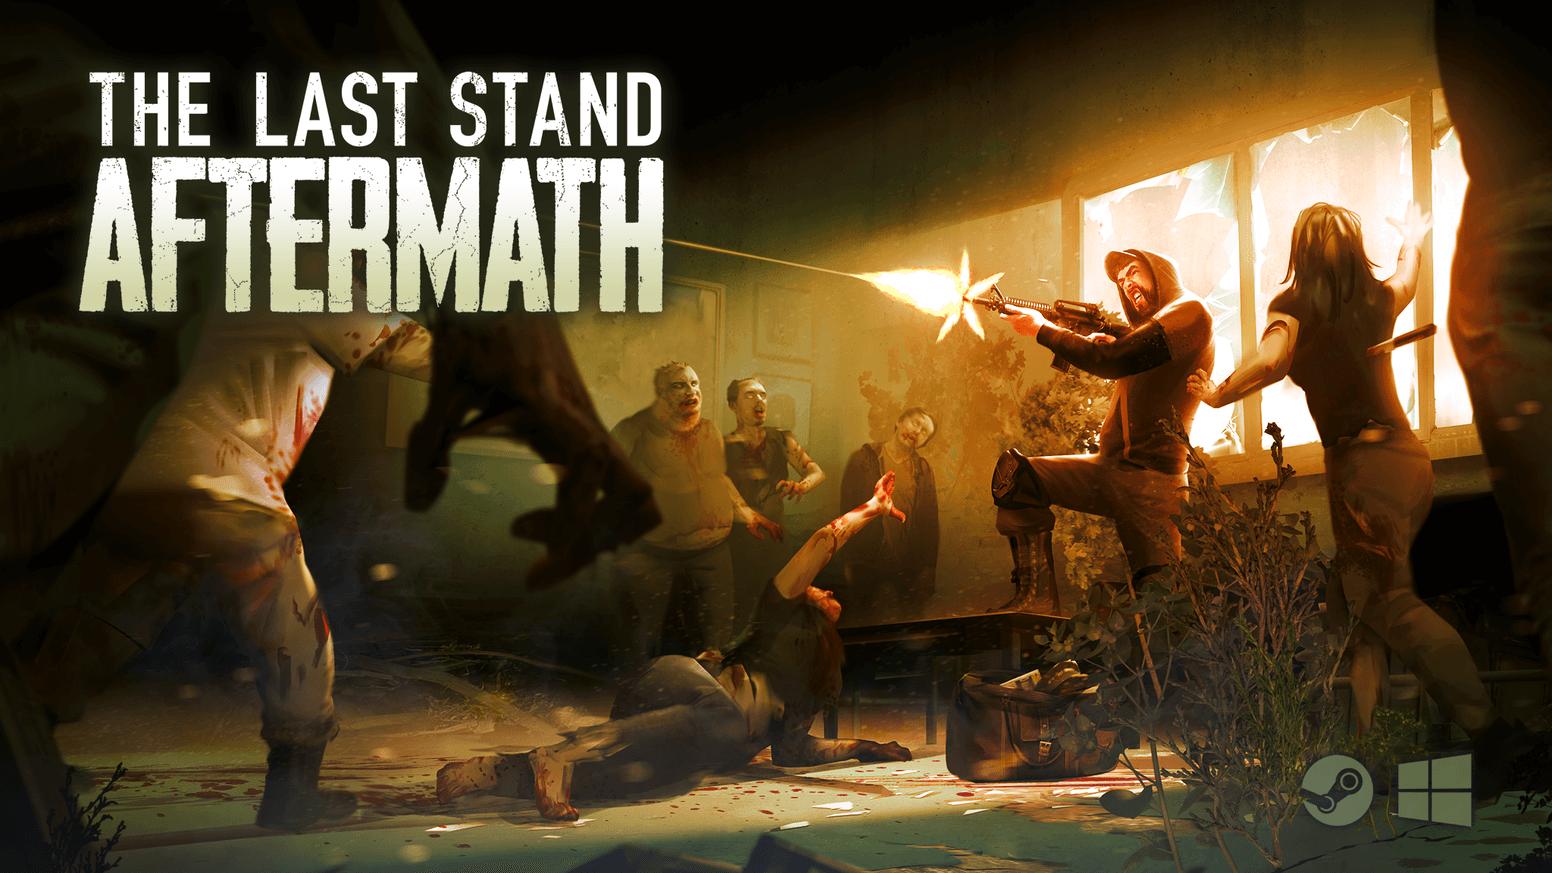 La supervivencia de The Last Stand: Aftermath llegará en físico a PS5 y PS4 en octubre